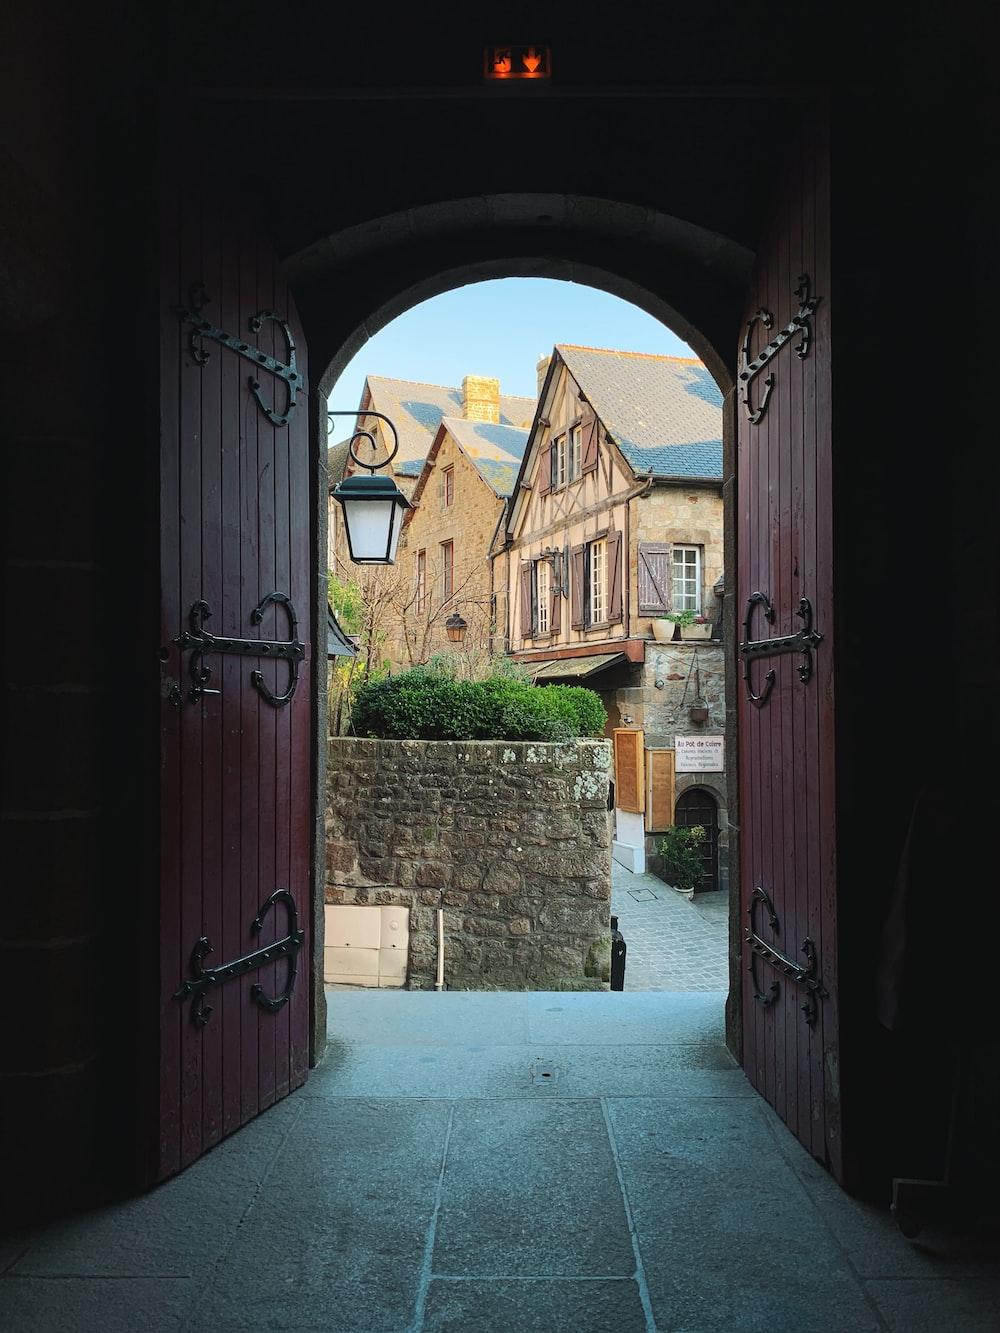 opened red wooden doors